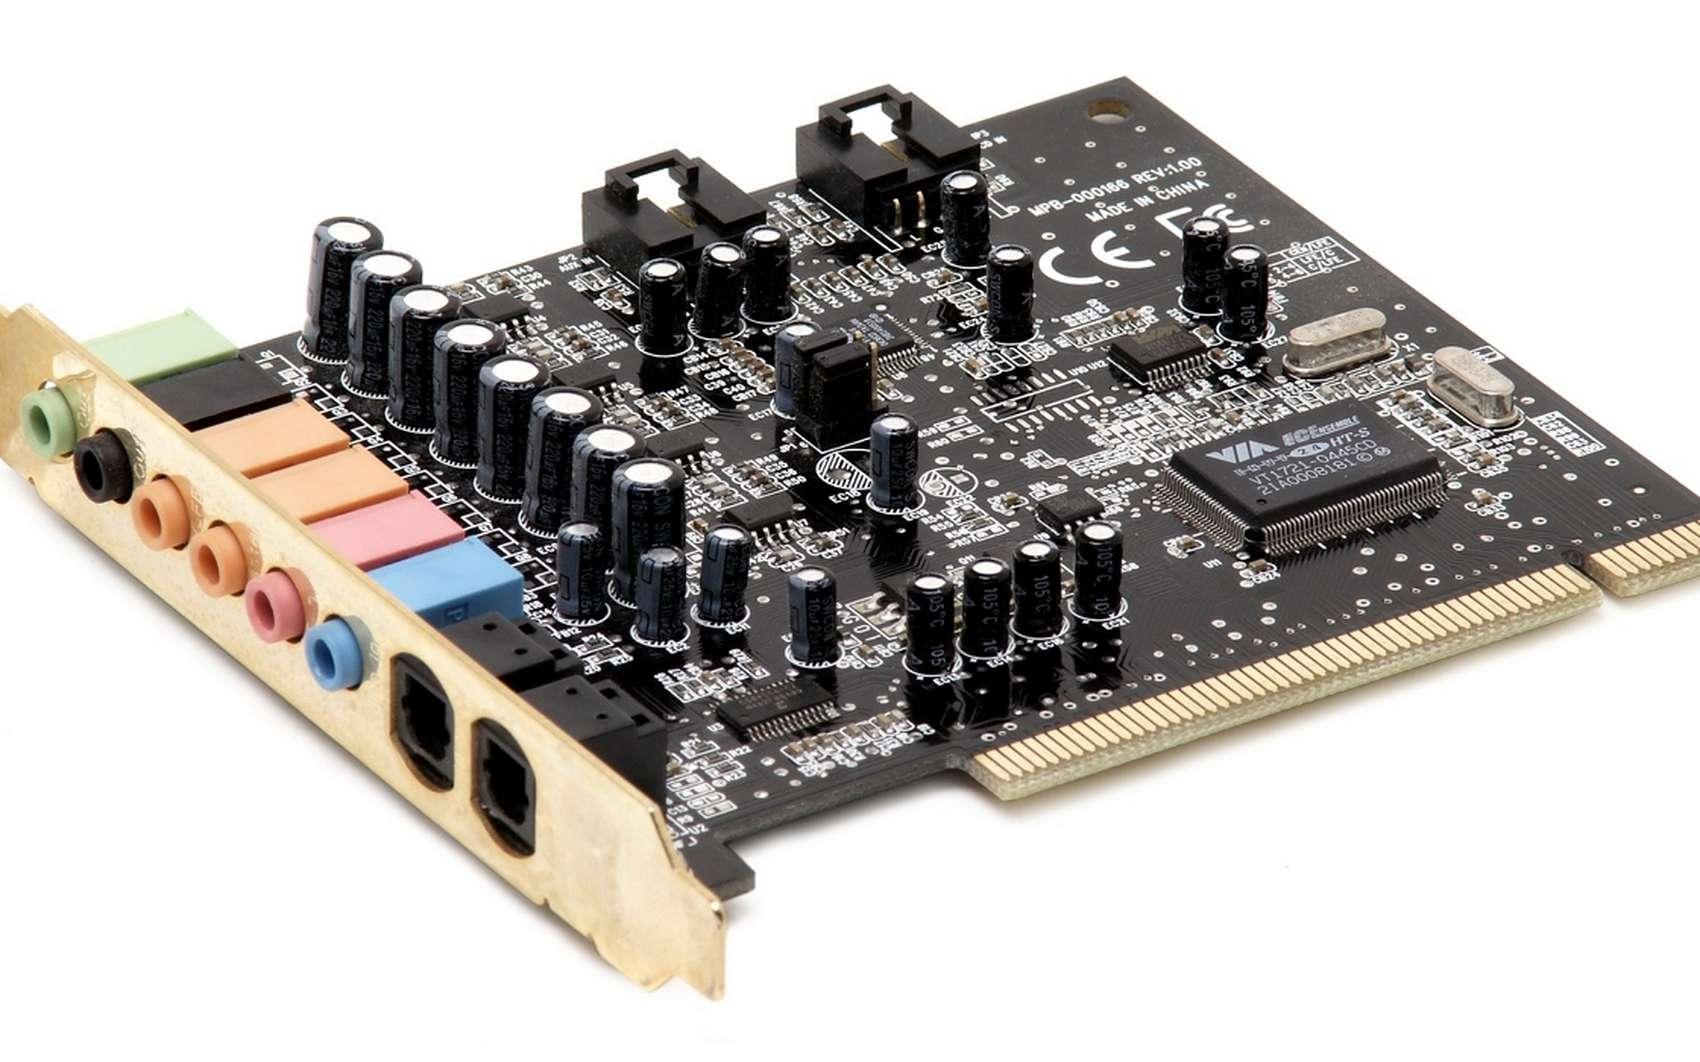 Une carte son est un périphérique dédié à générer des sons sur un ordinateur. © Pxhere, Domaine public, CC0